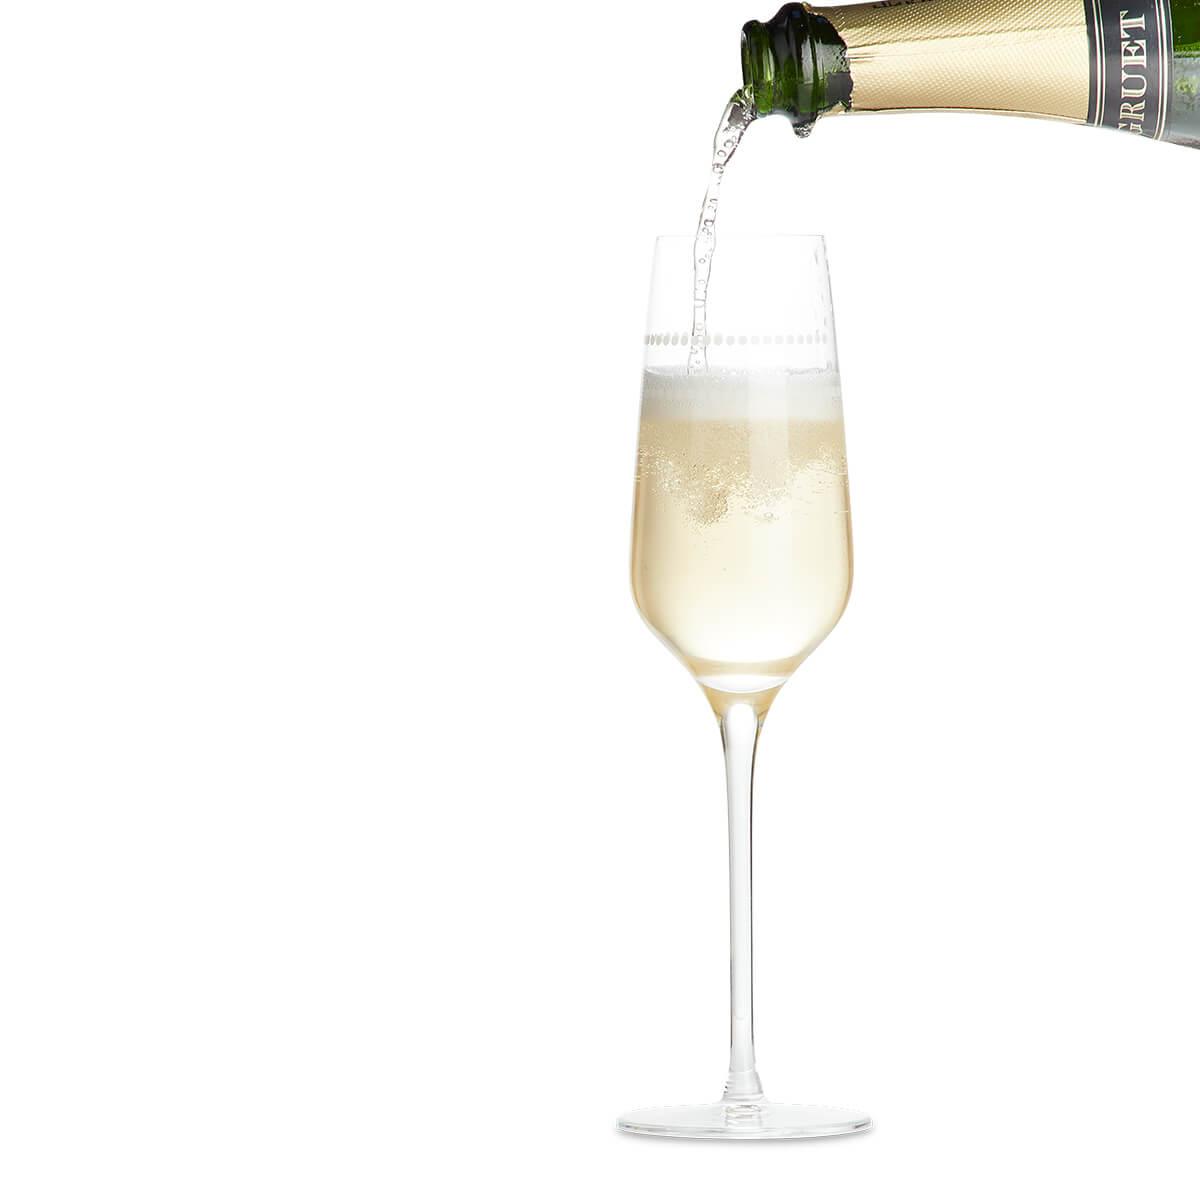 Portion Control Champagne Flutes - alt2